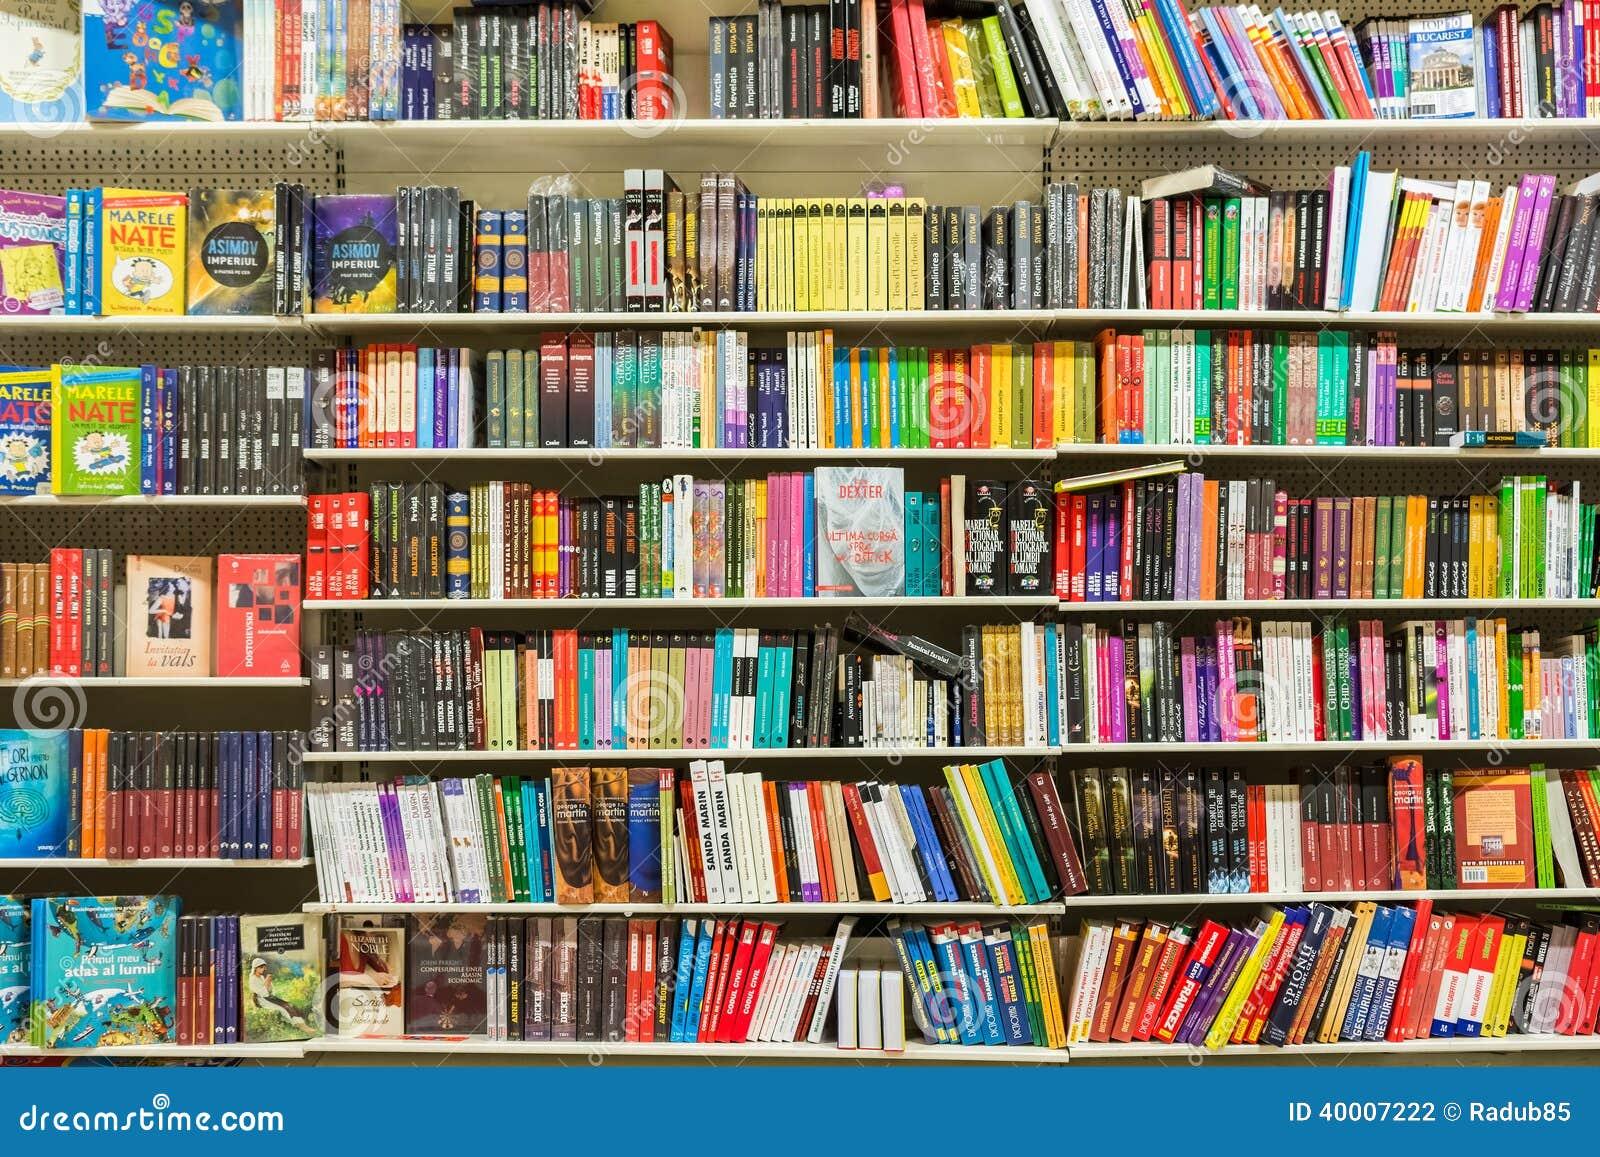 Книги на полке библиотеки редакционное фотография. изображен.